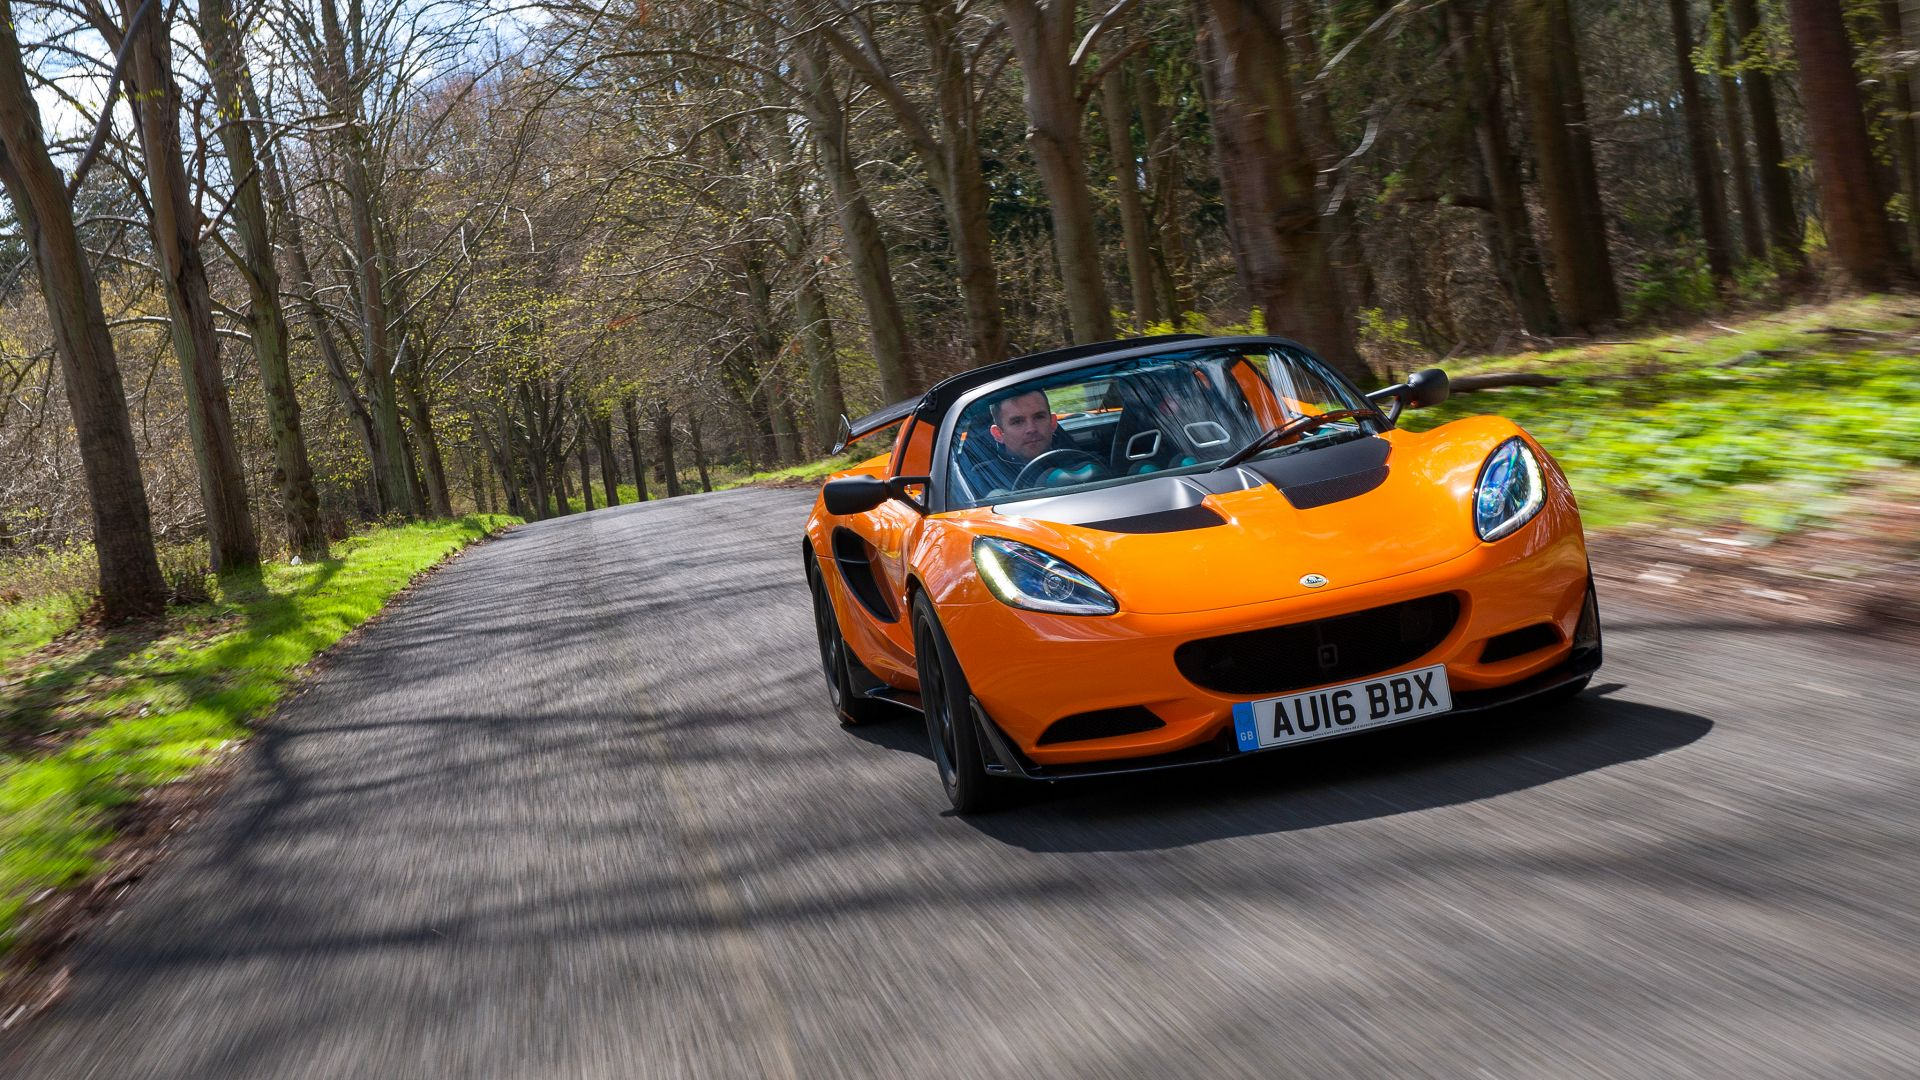 Beau Lotus Elise Cup 250 Roadster Speed Orange 11536